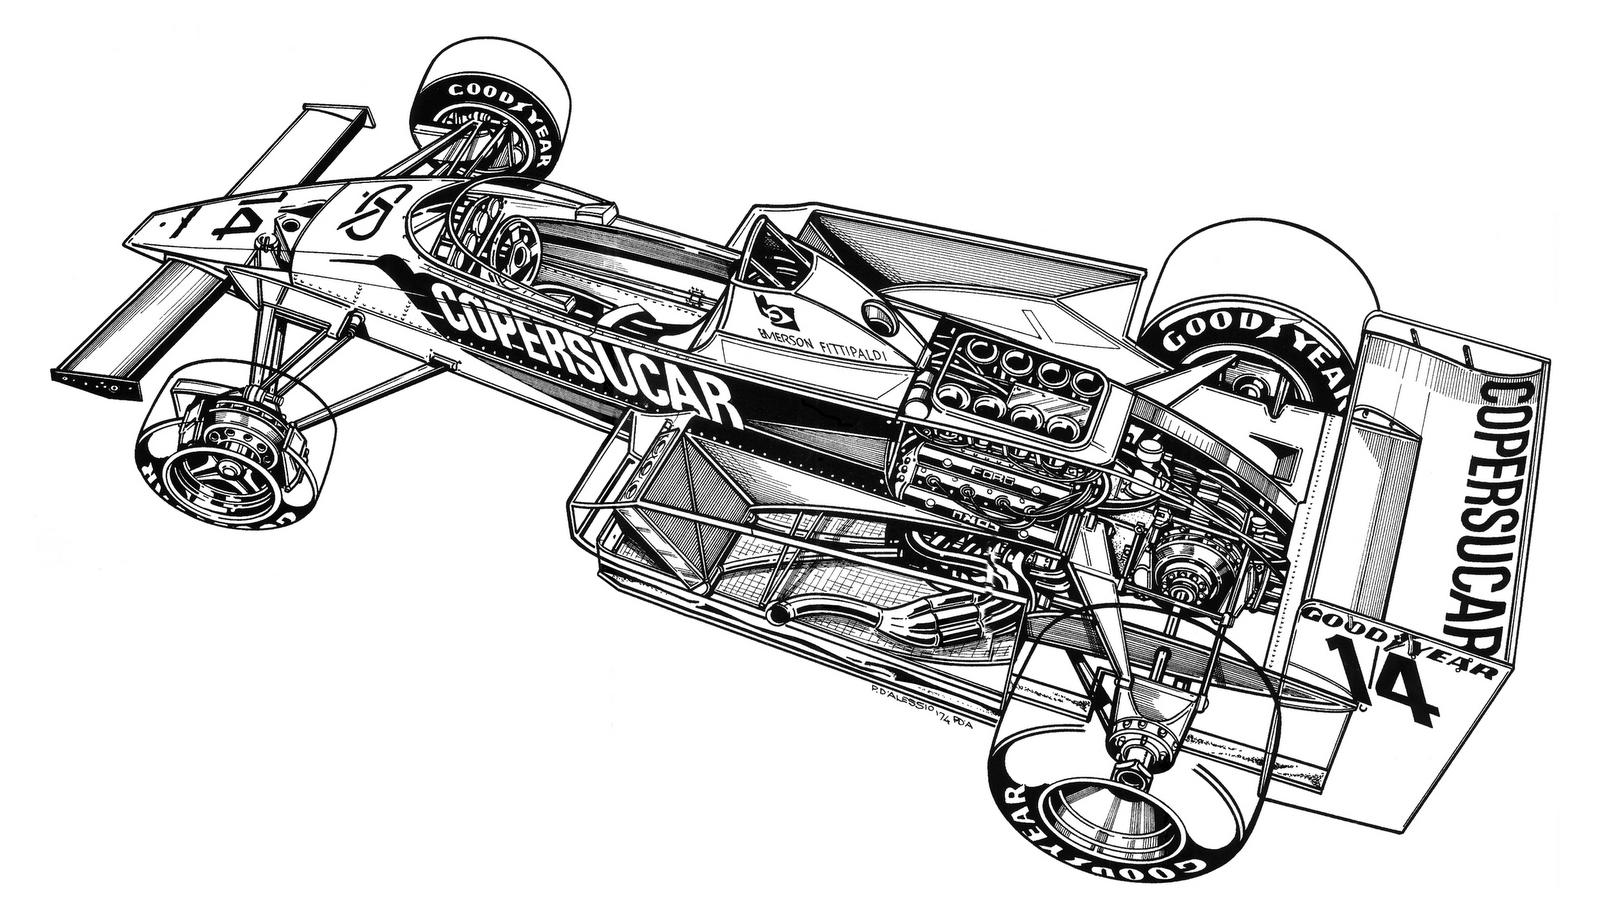 Copersucar F6 Raiox 920